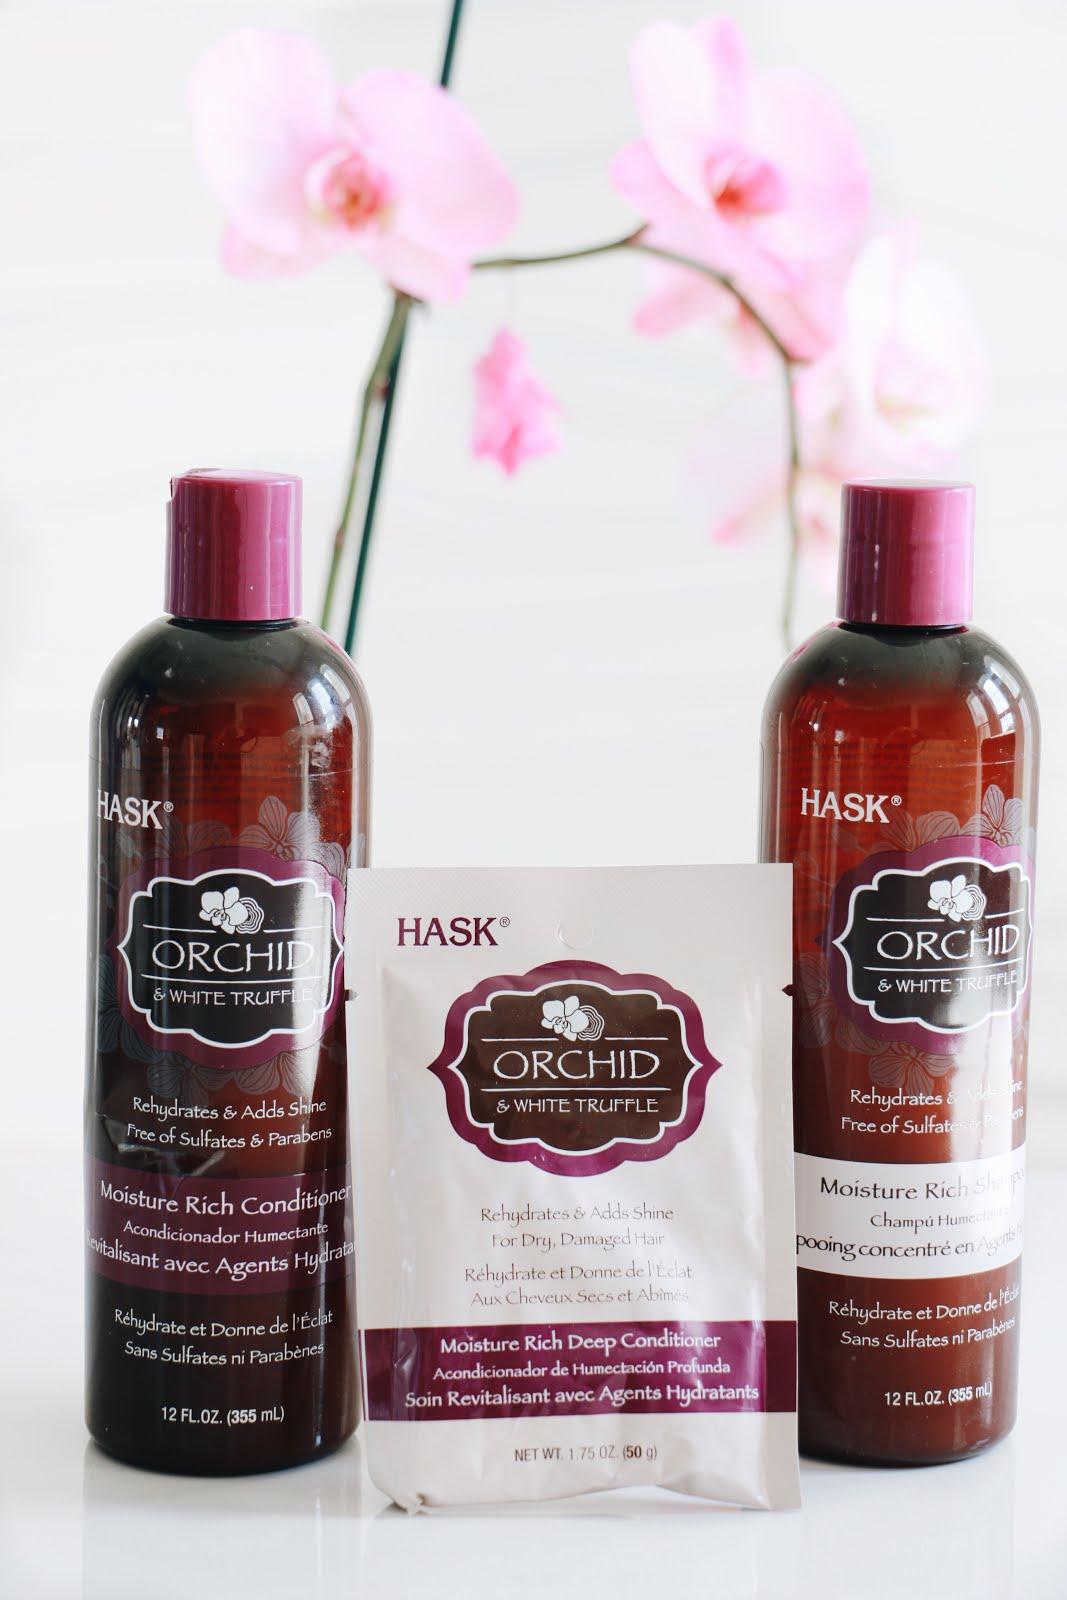 HASK-Orchid &-White-Truffle-Moisture-Rich-Collection-Vivi-Brizuela-PinkOrchidMakeup